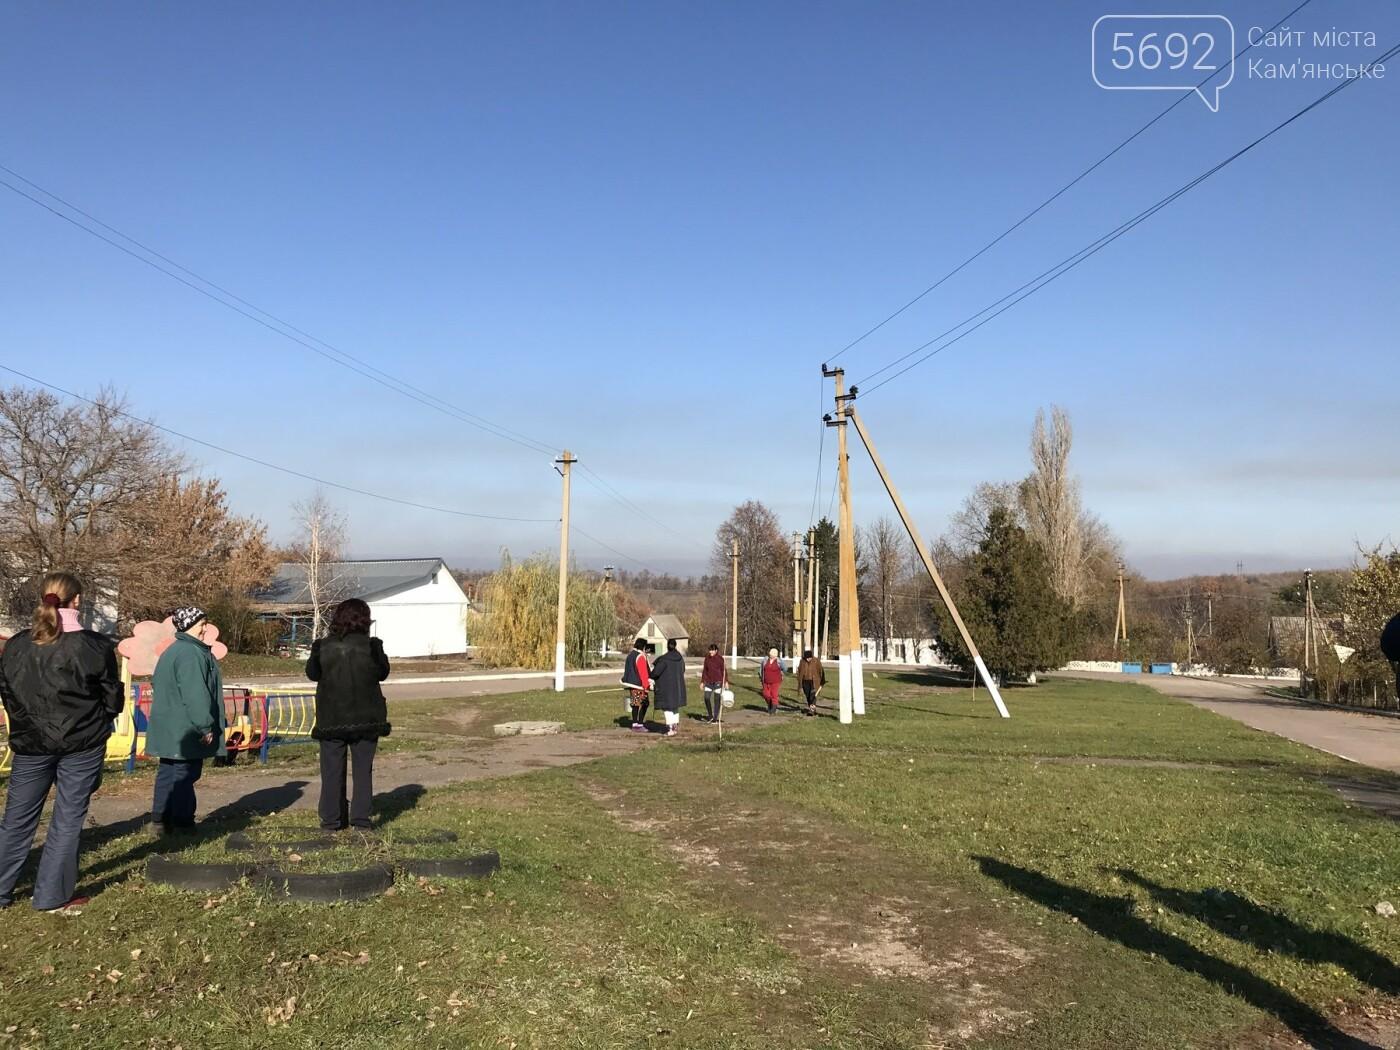 Что получит Каменское в случае присоединения: репортаж из Степового, фото-20